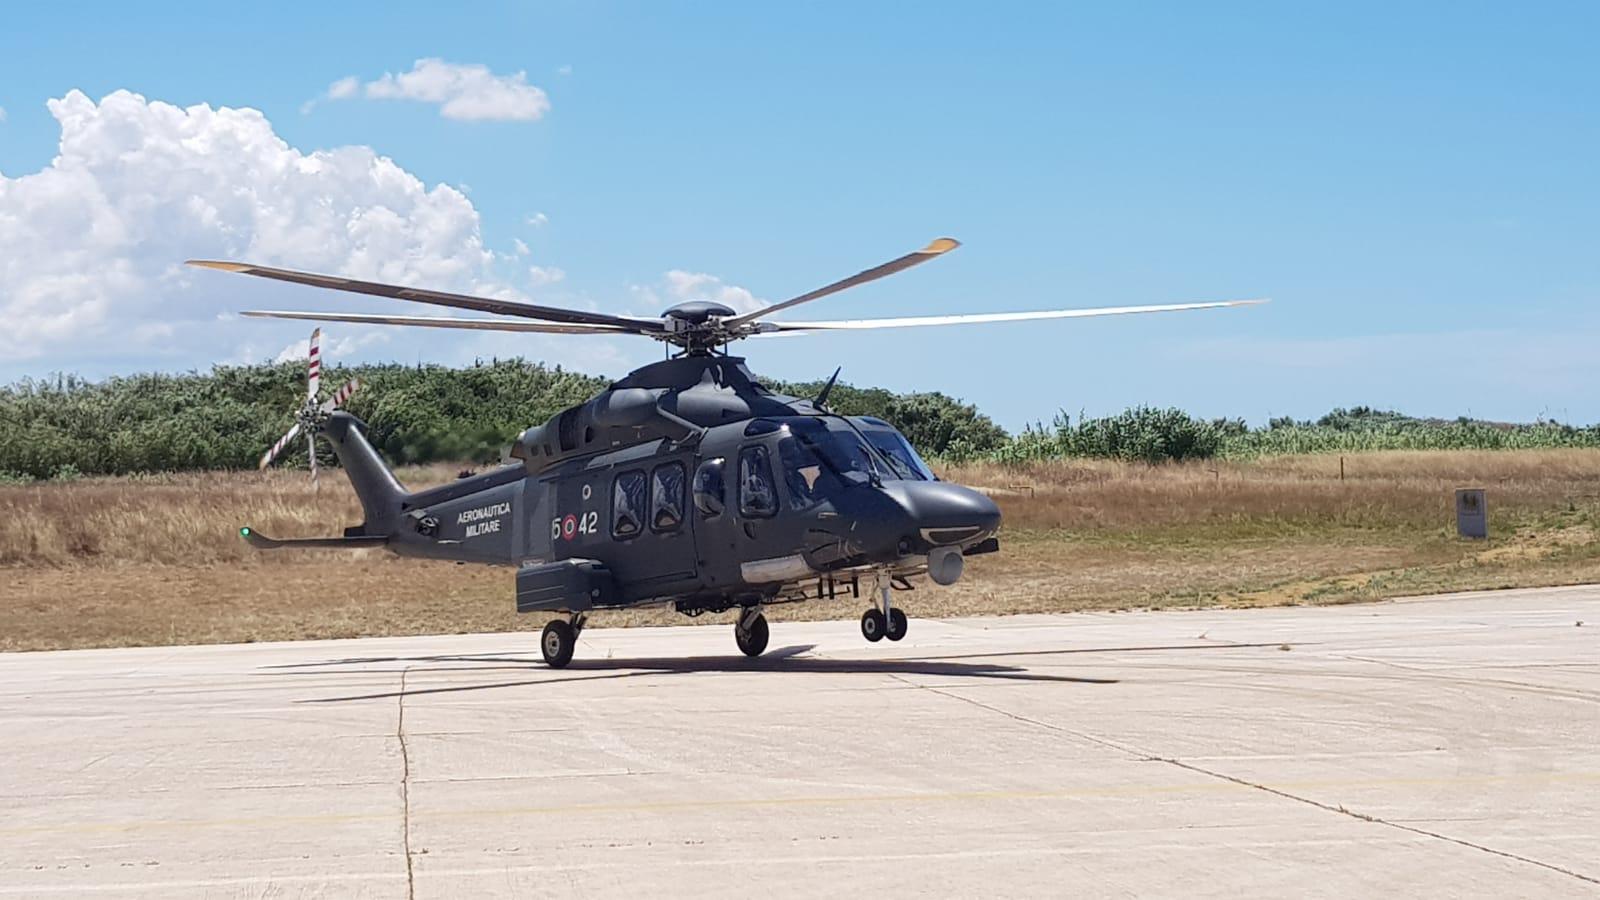 Elicottero 139 : Riserva dello zingaro tp : escursionista francese soccorsa da